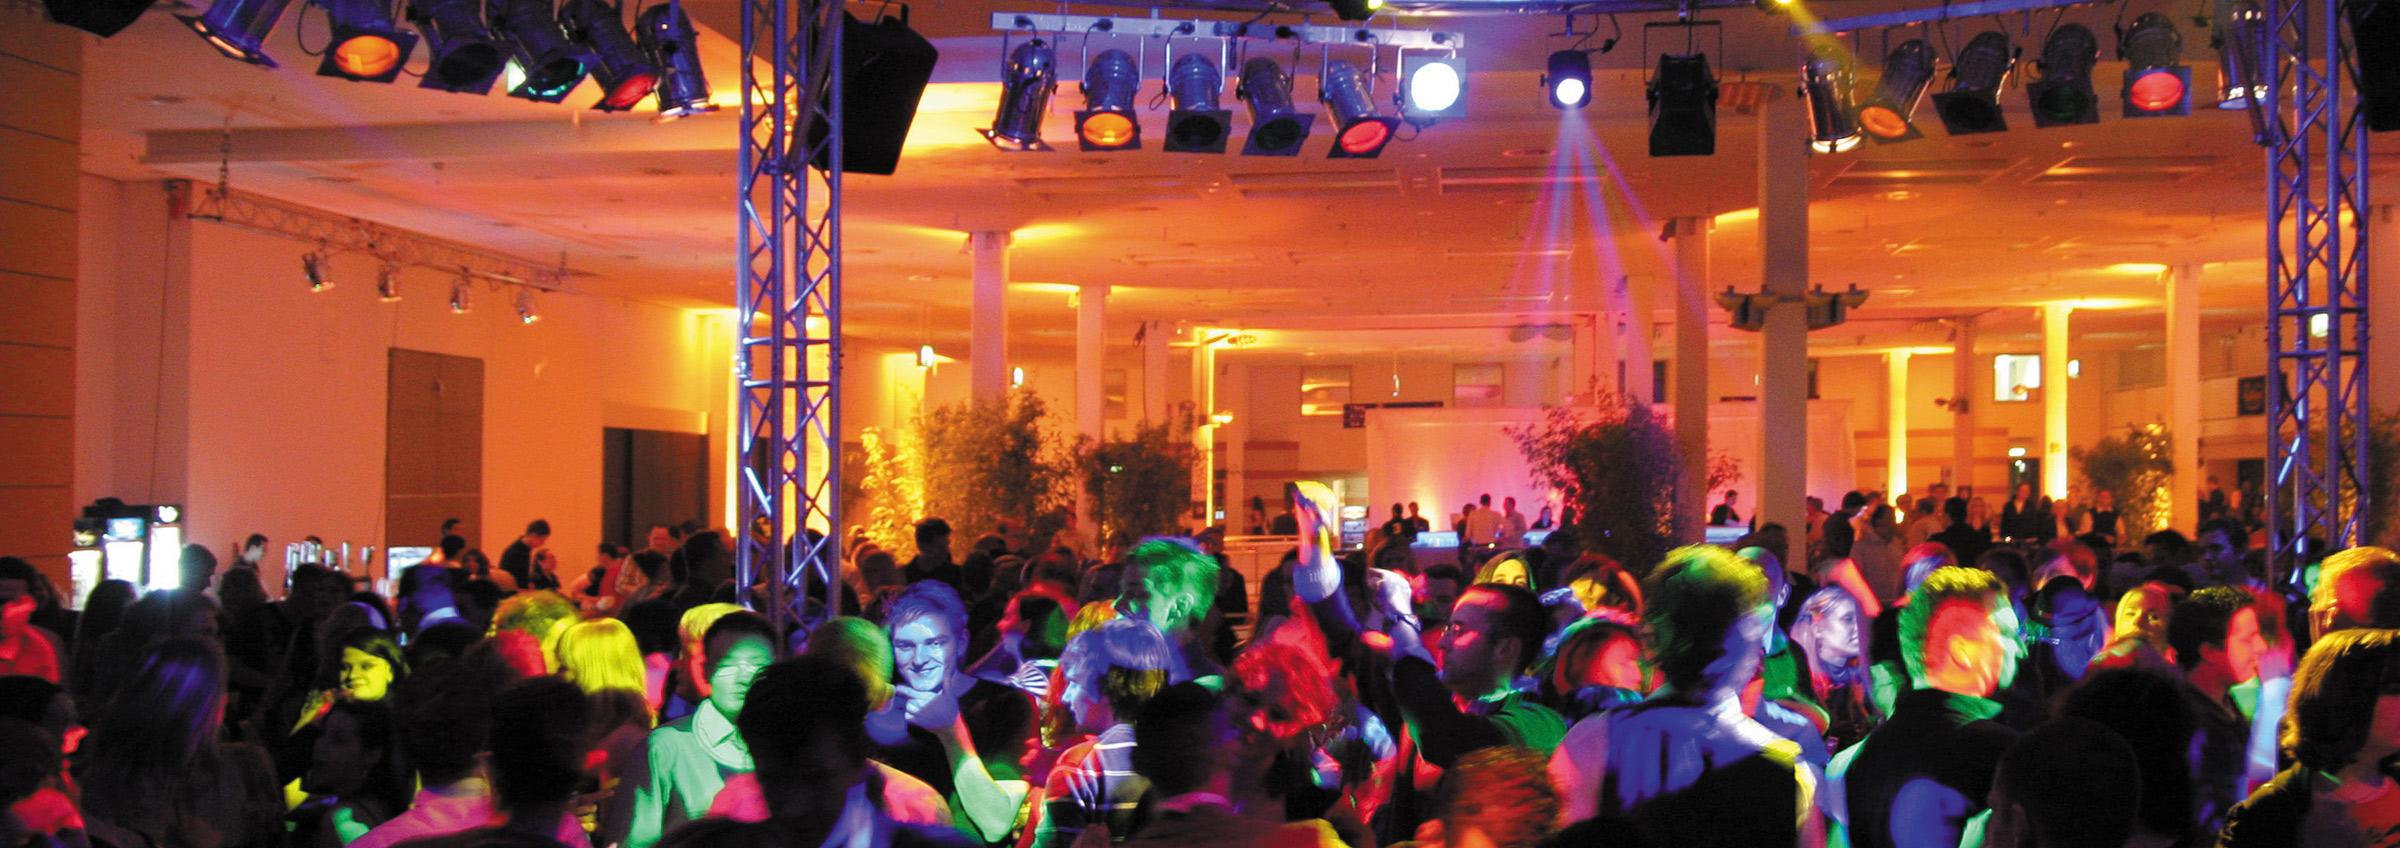 Events In Wiesbaden